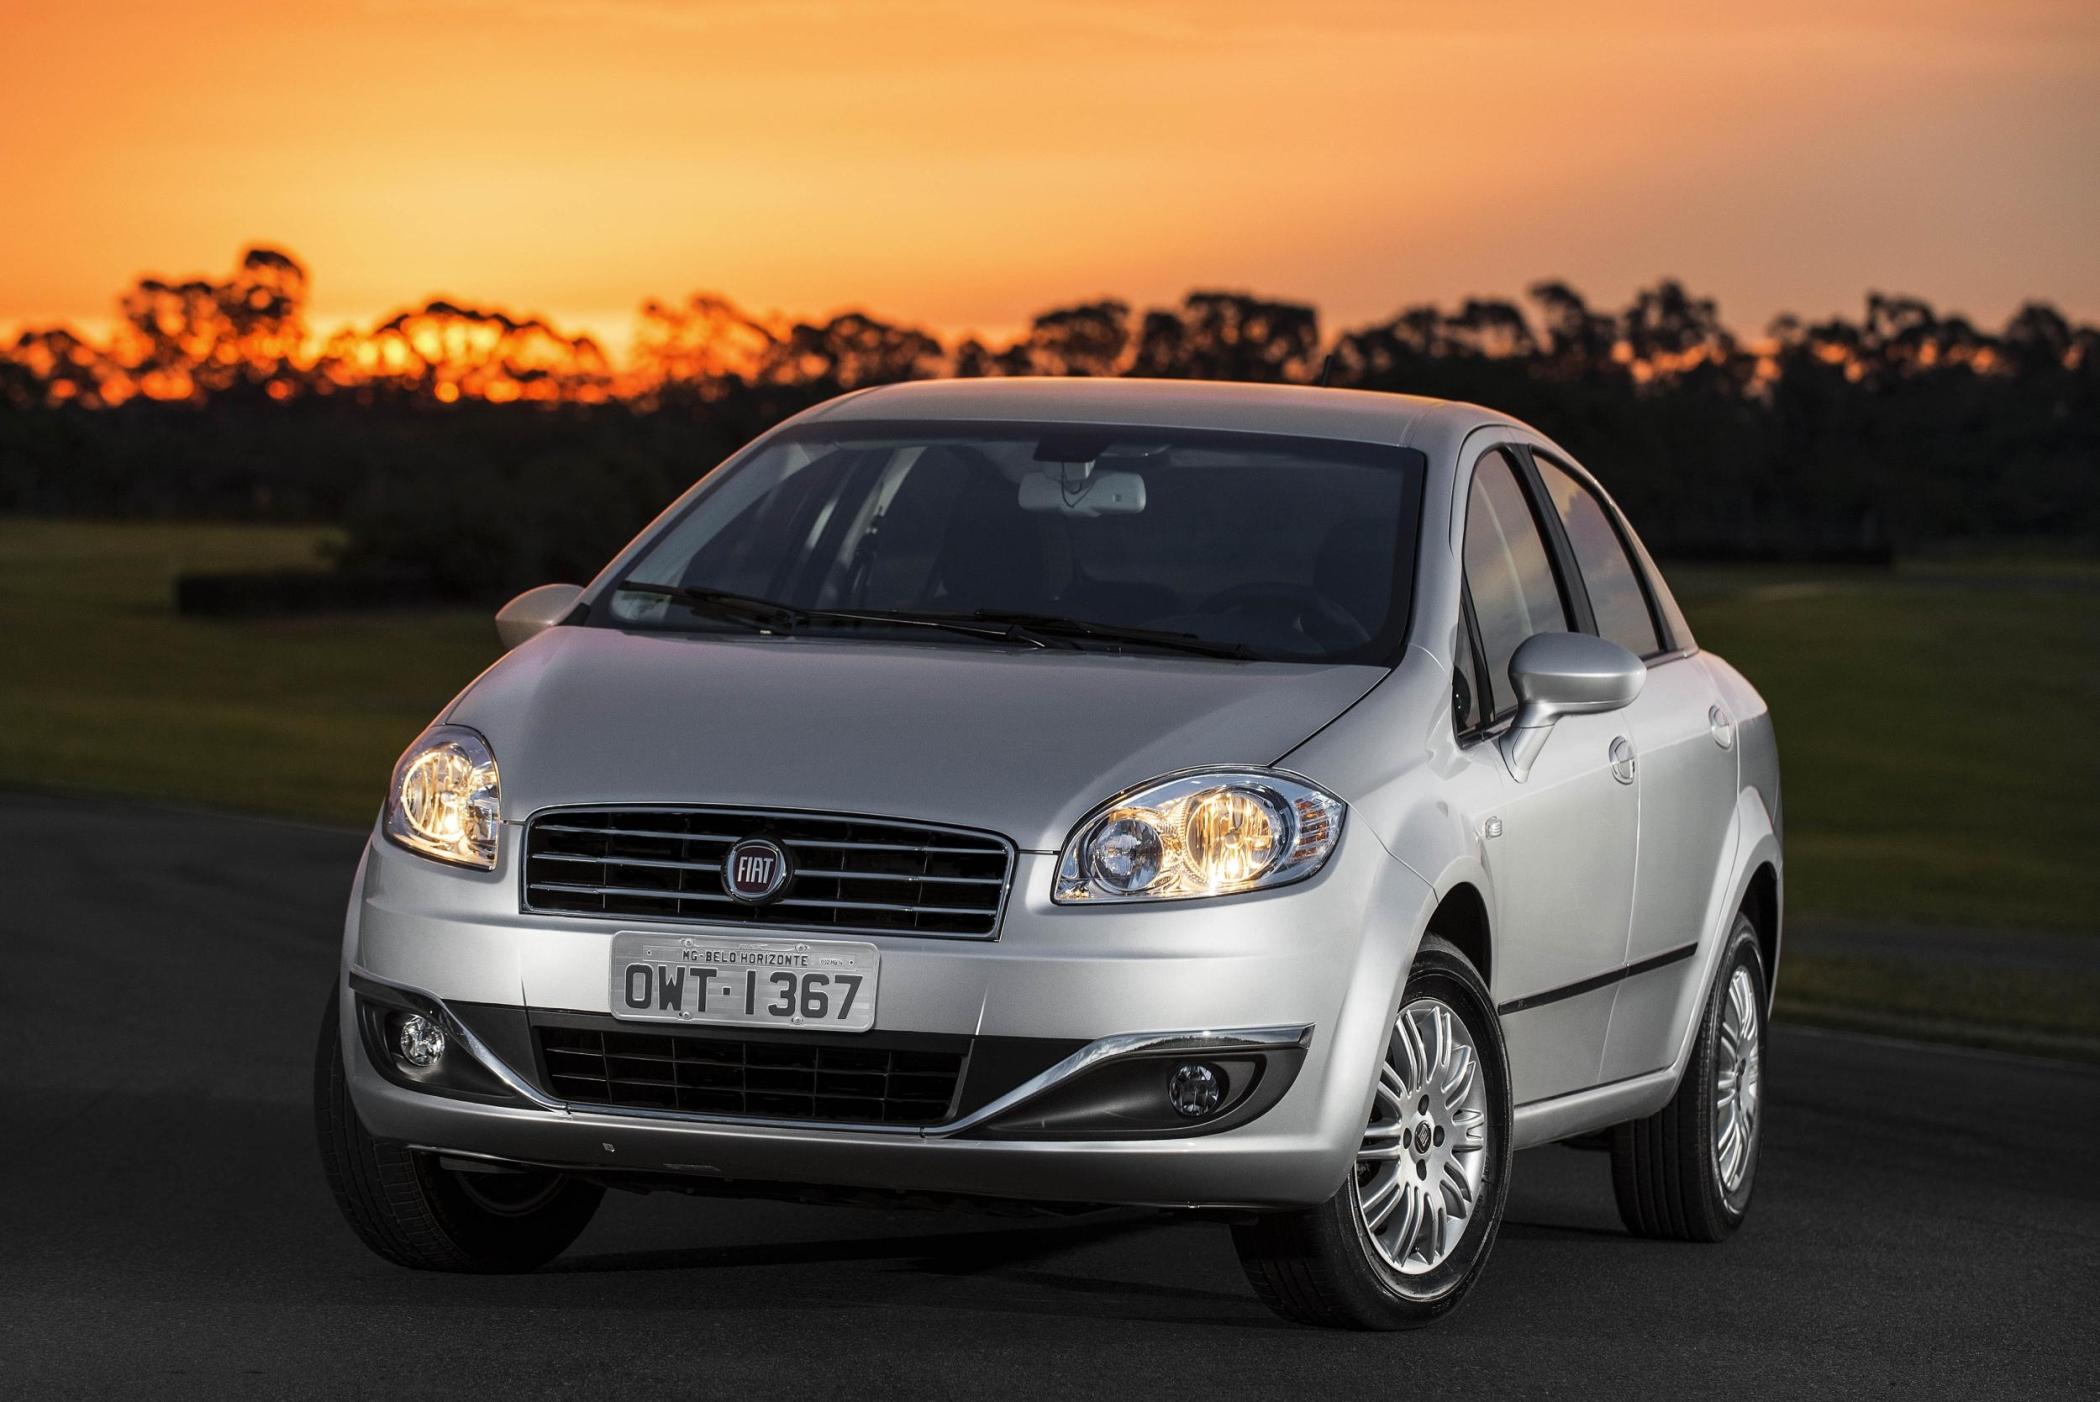 Mentiras da indústria: Fiat Linea